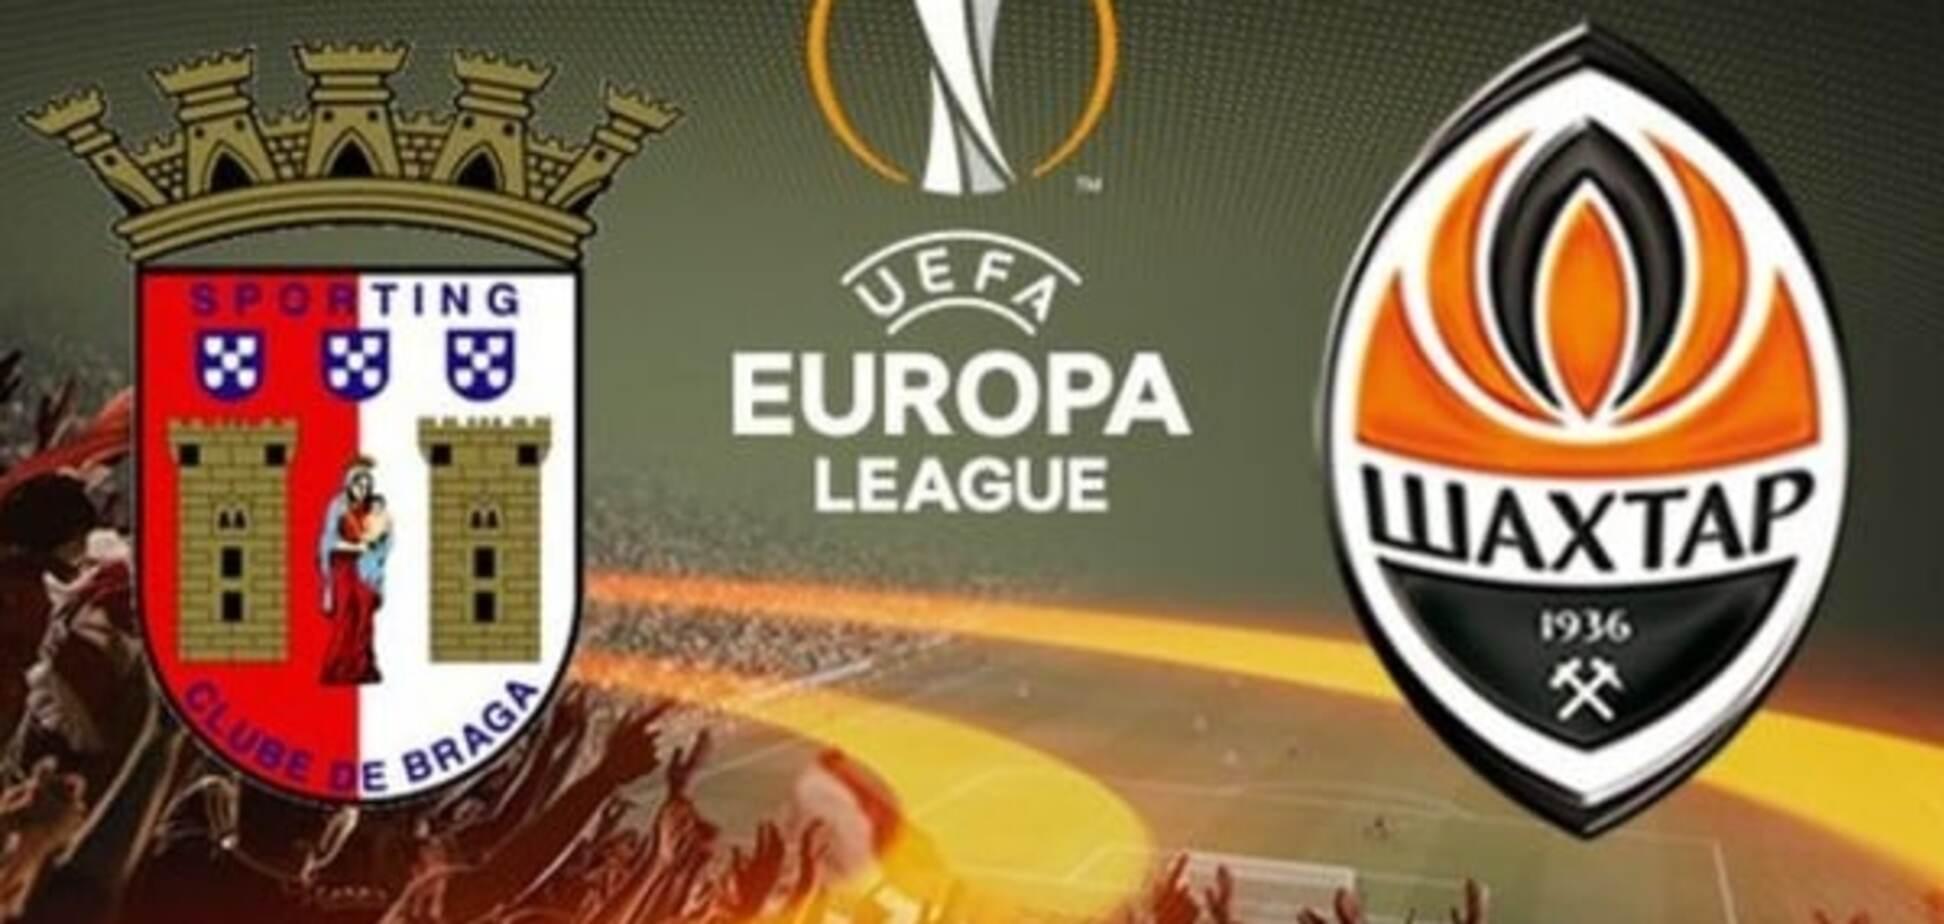 'Брага' - 'Шахтар': прогноз букмекерів на матч 1/4 фіналу Ліги Європи